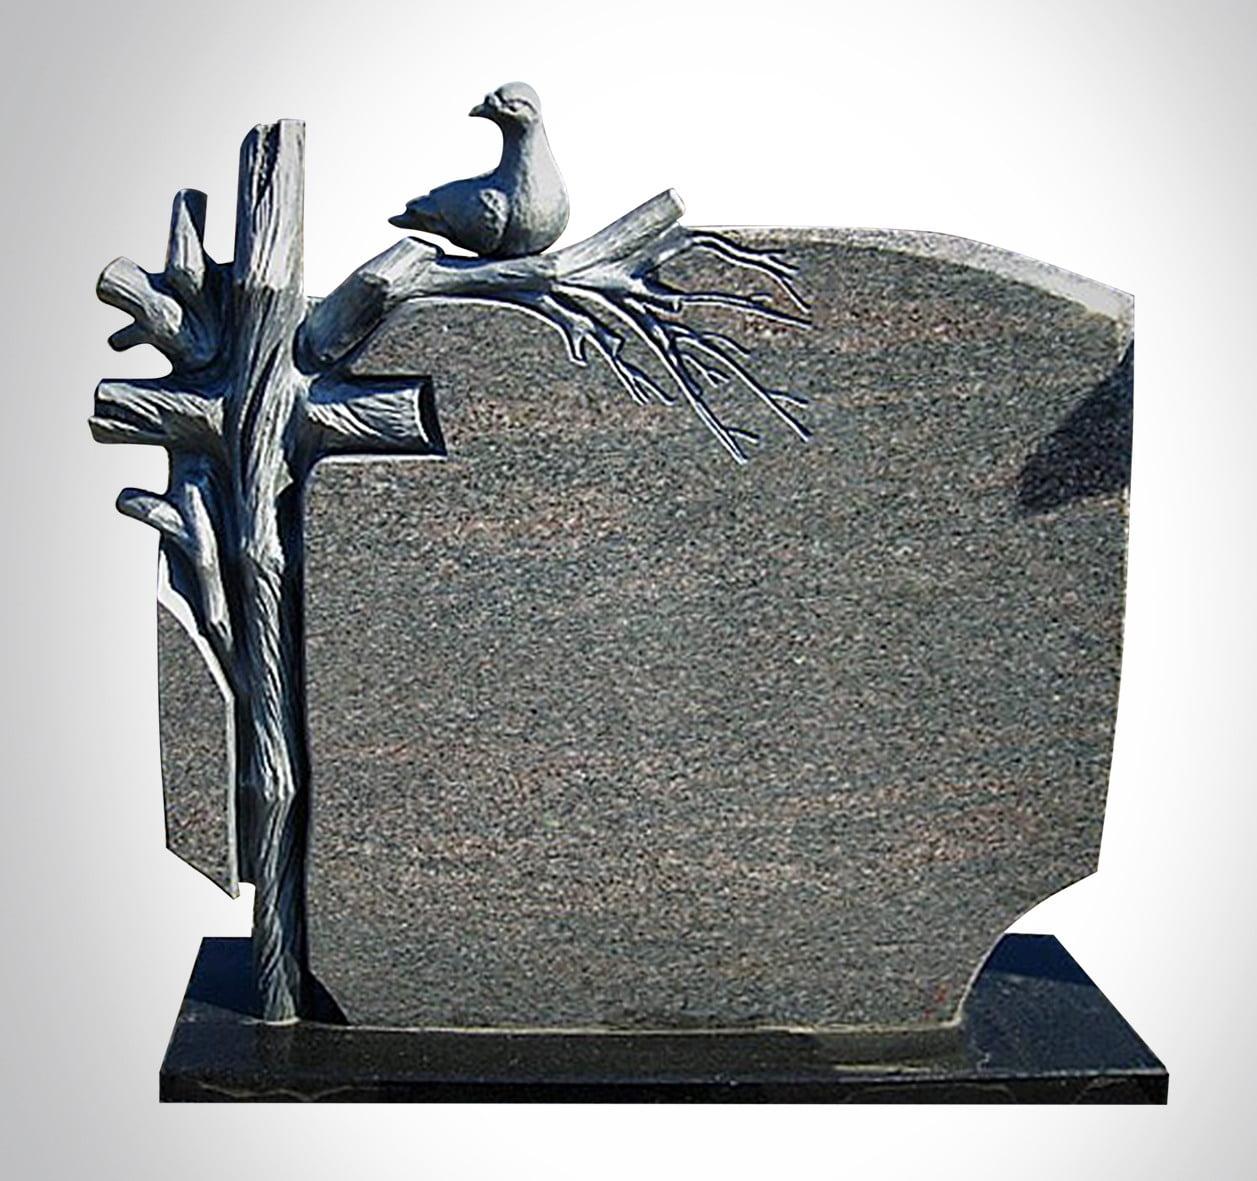 Rzeźba z krzyżem i gołębiem - Nagrobki Bielsko-Biała